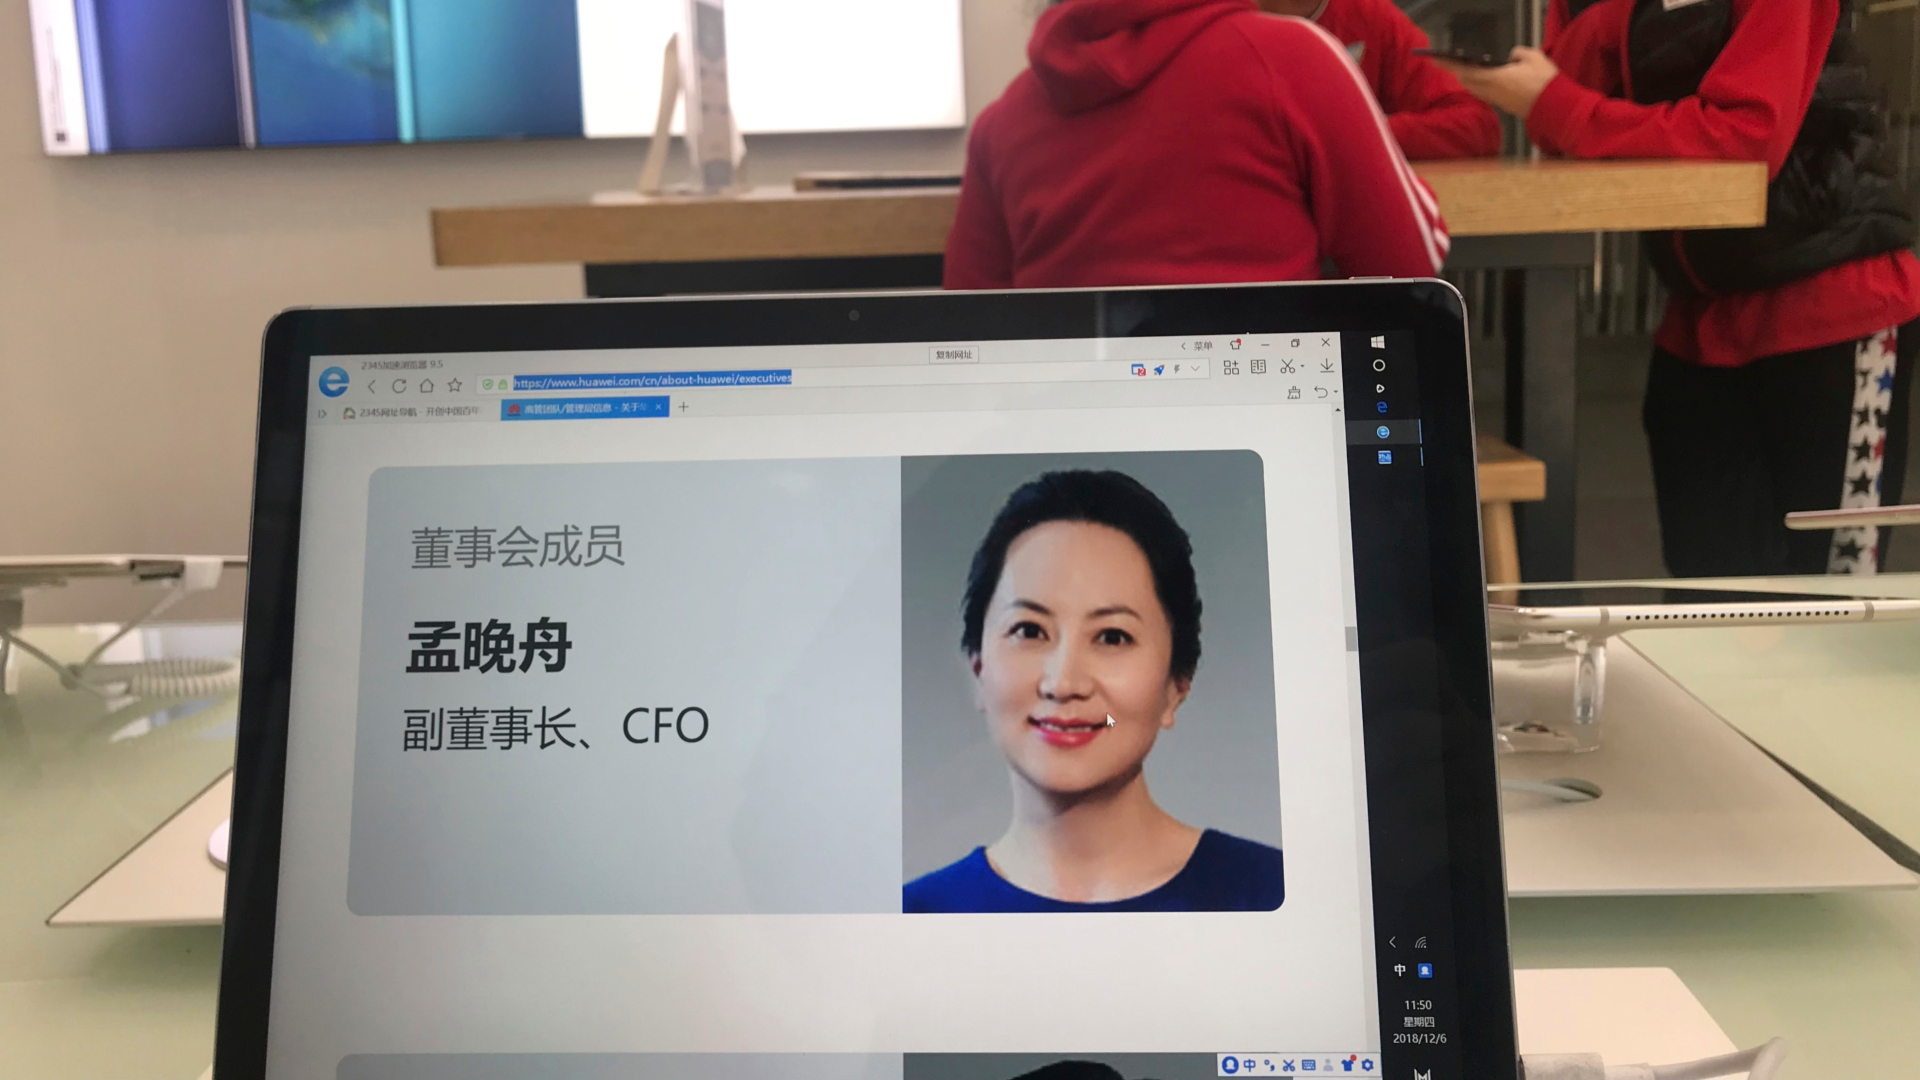 Imagen del perfil de la directora financiera de Huawei, Meng Wanzhou, visto en una computadora de la marca en una de sus tiendas en Beijing, China, el 6 de diciembre de 2018. Las autoridades canadienses detuvieron a Meng el 5 de diciembre de 2018 para su posible extradición a Estados Unidos. (AP Foto/Ng Han Guan)